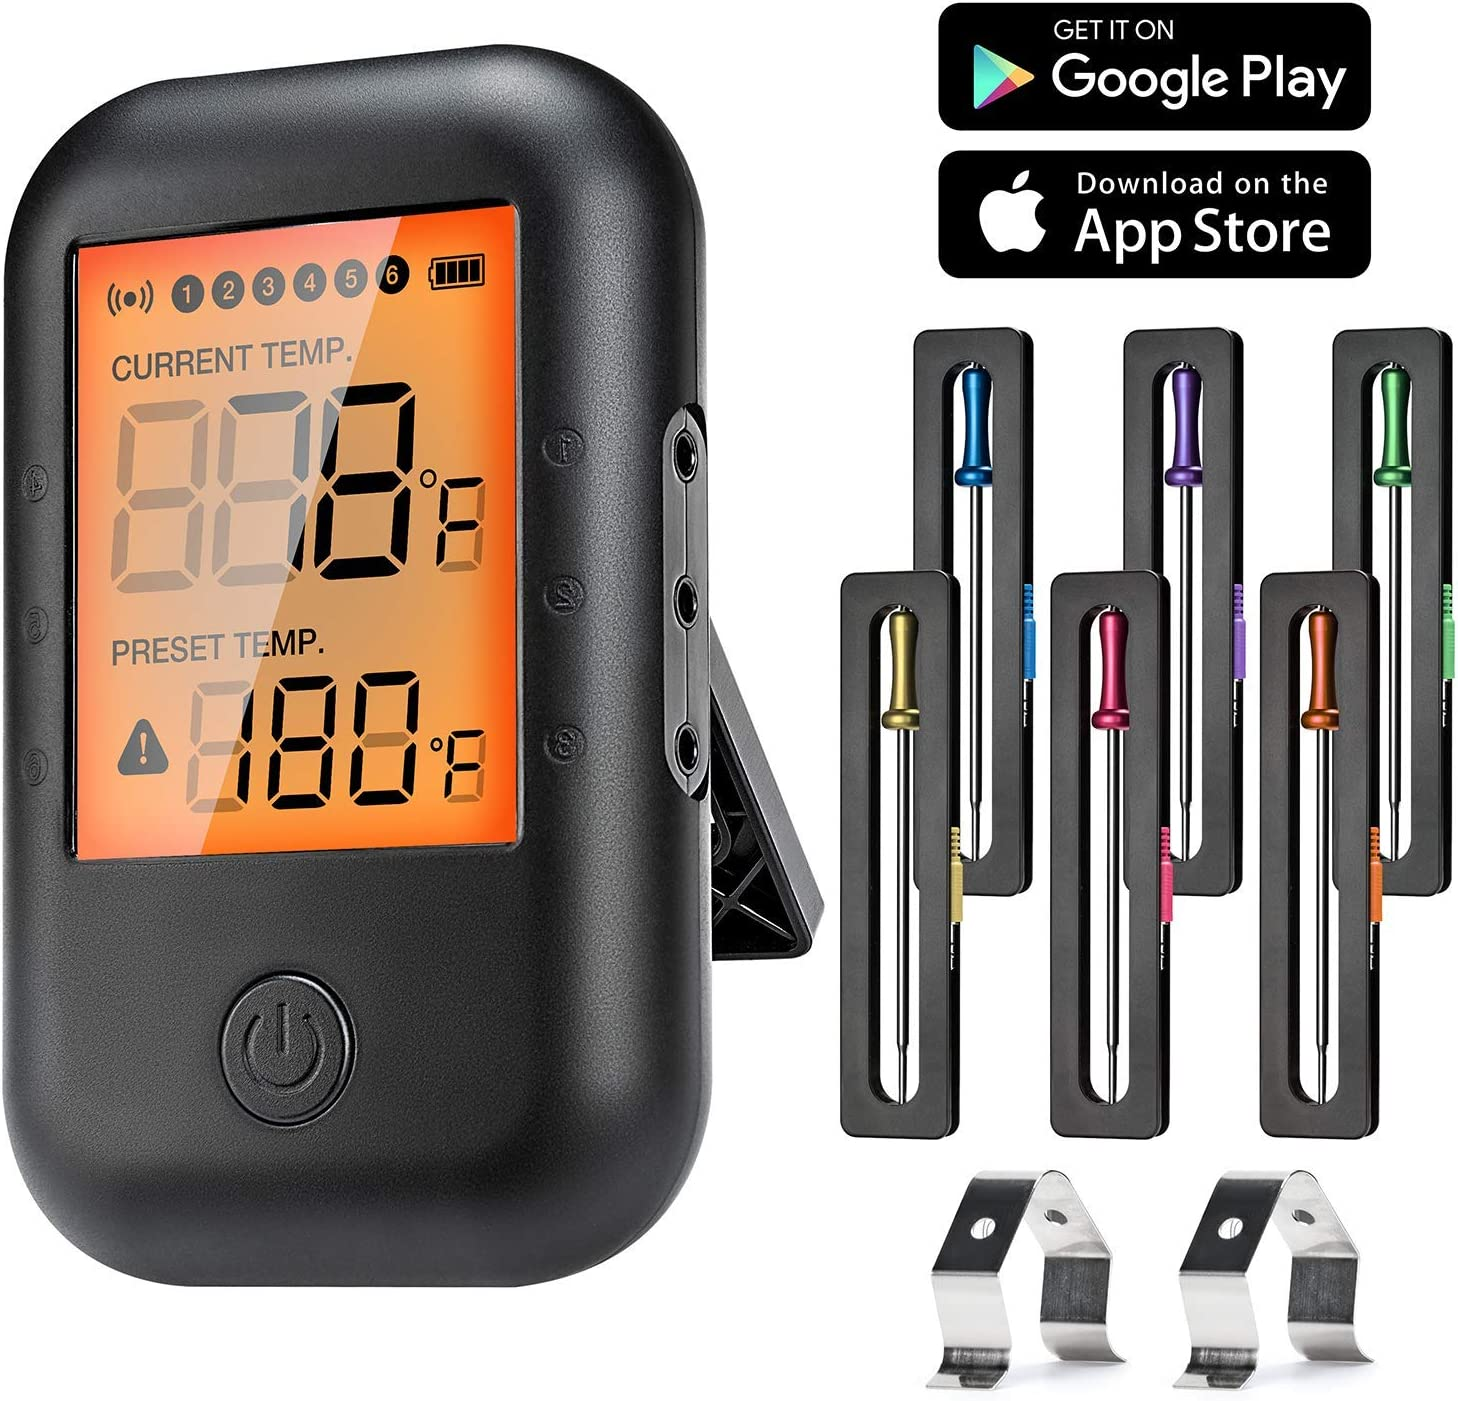 MUSCCCM Termómetro de Carne Digital, Termómetro de Cocción Bluetooth 5.0 con 6 sondas y Pantalla LCD para Horno, Barbacoa, Cocina, Soporte de iOS, Android